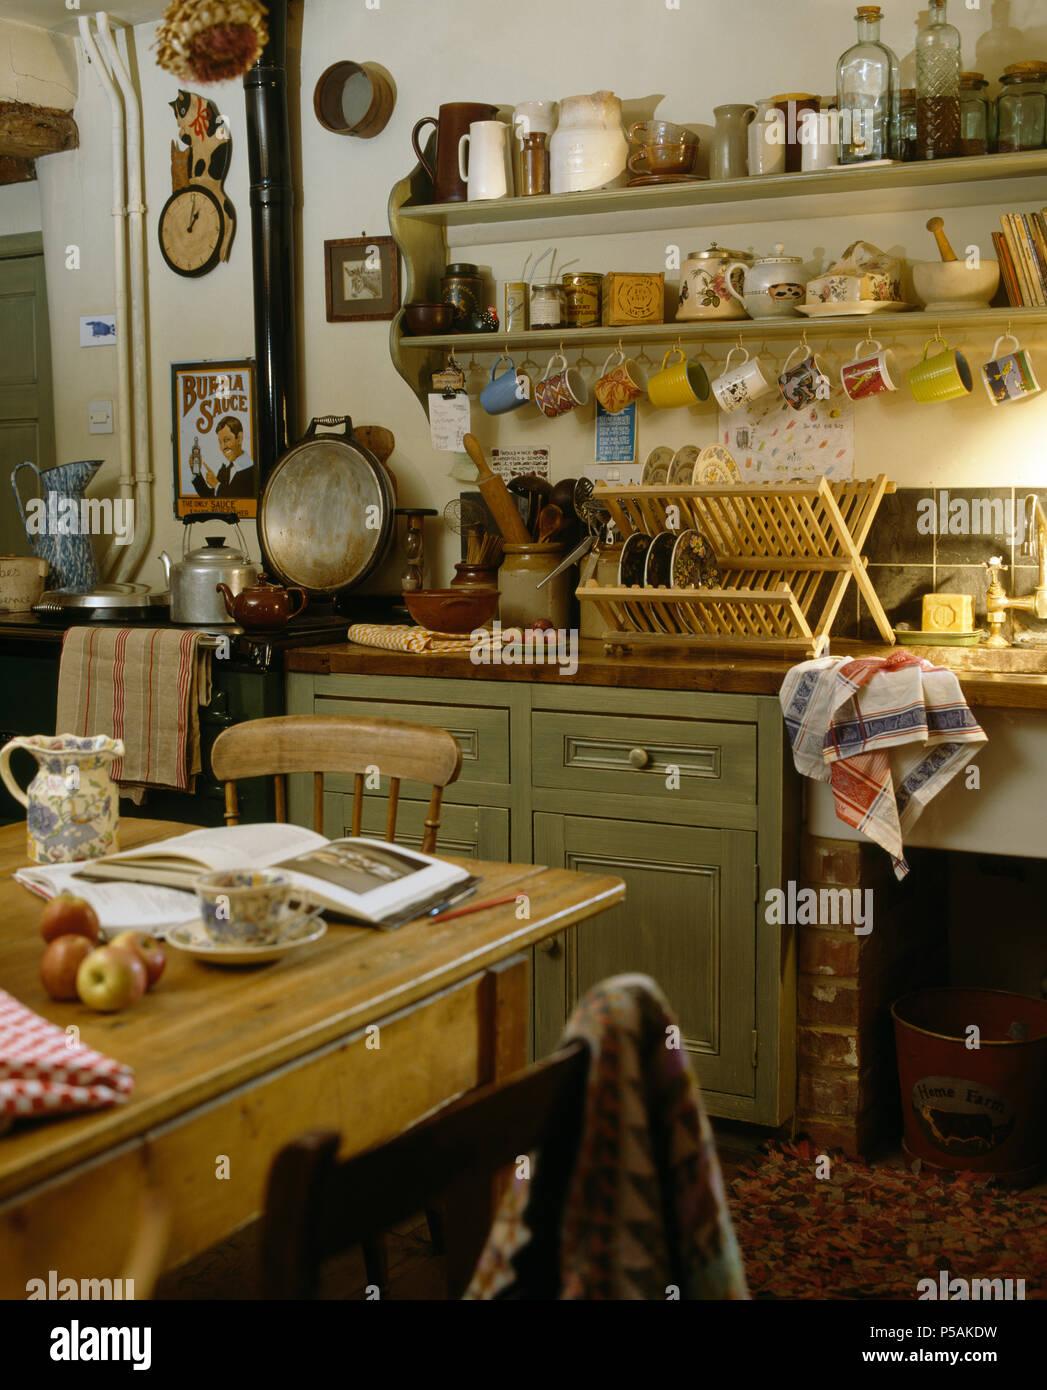 Bekannt Altmodische cottage Küche Stockfoto, Bild: 209832501 - Alamy VW13